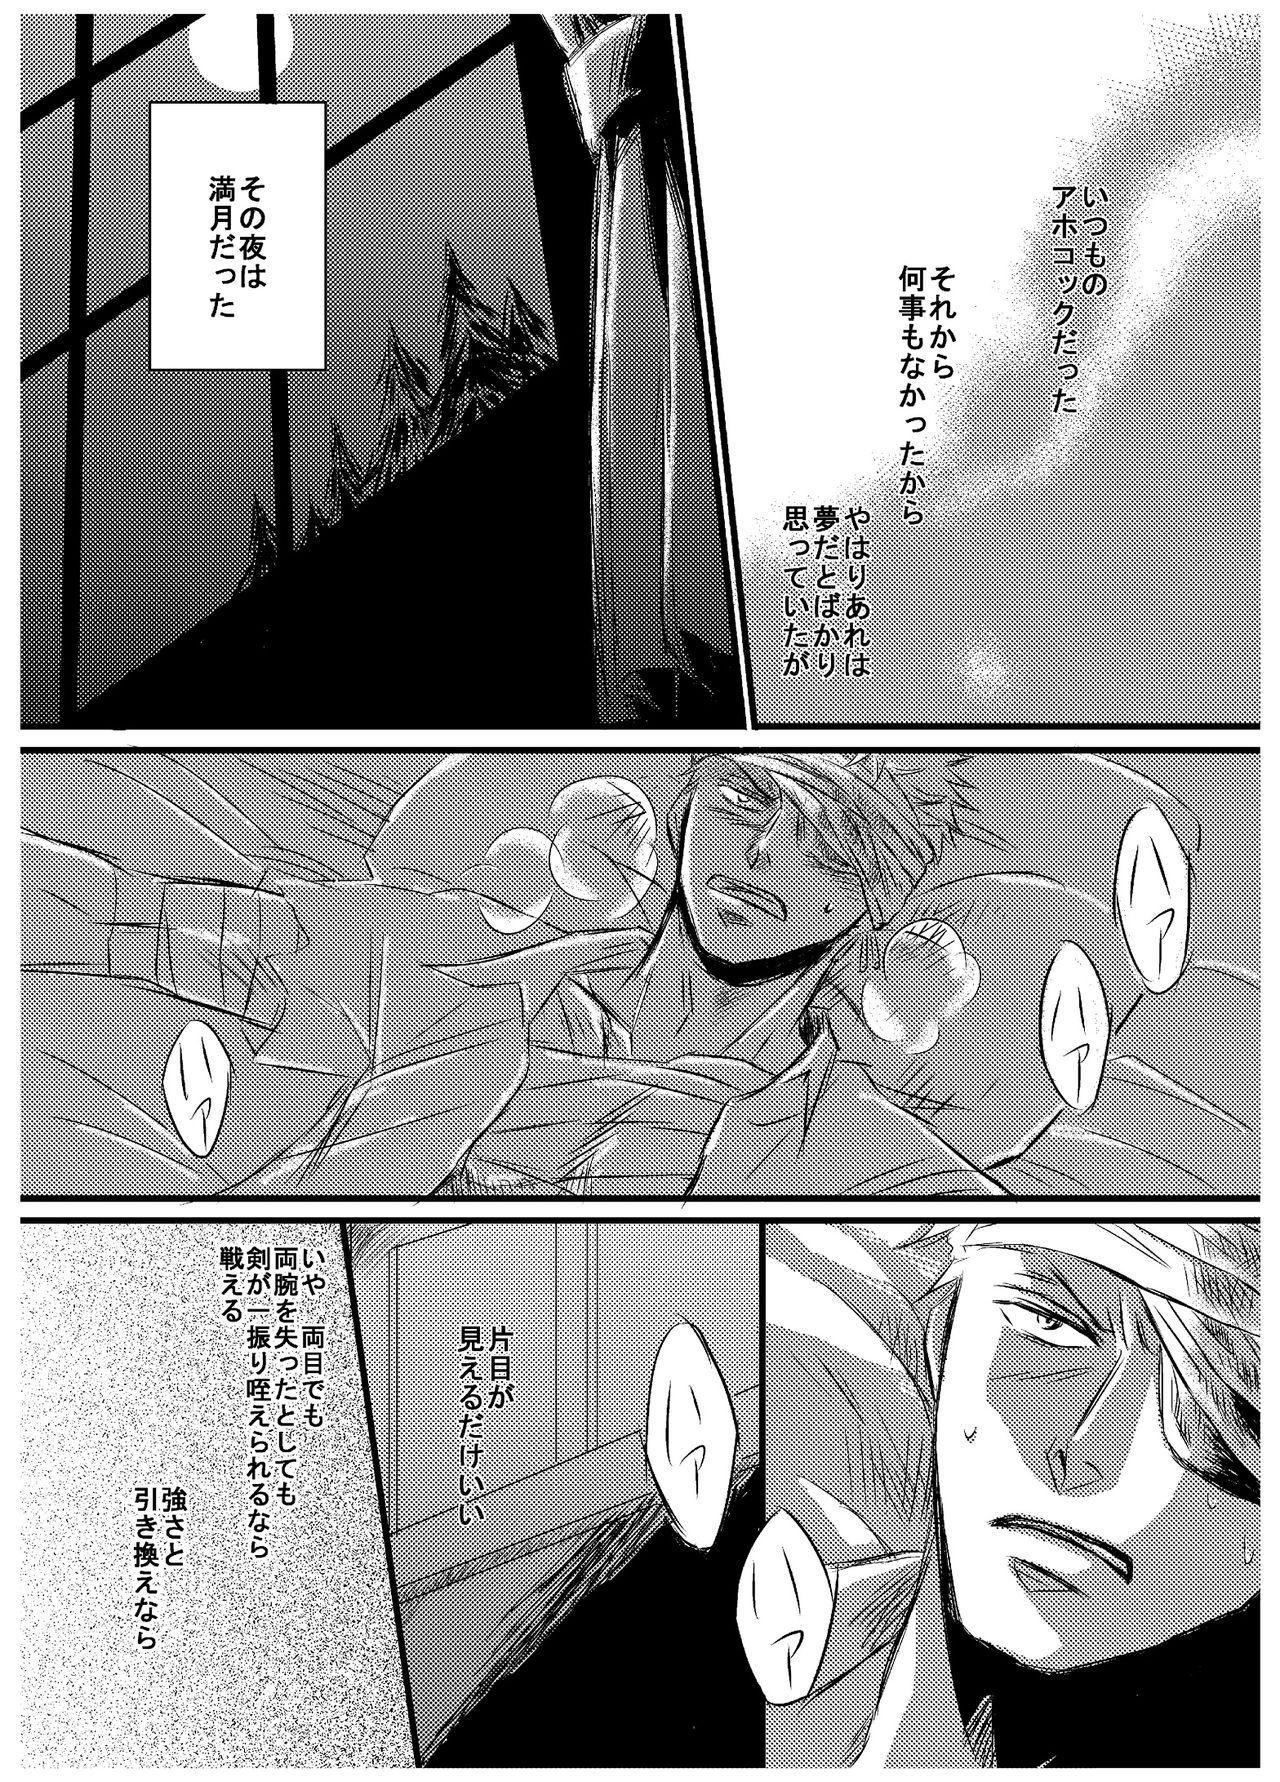 Inryoku de Hanasanai 16